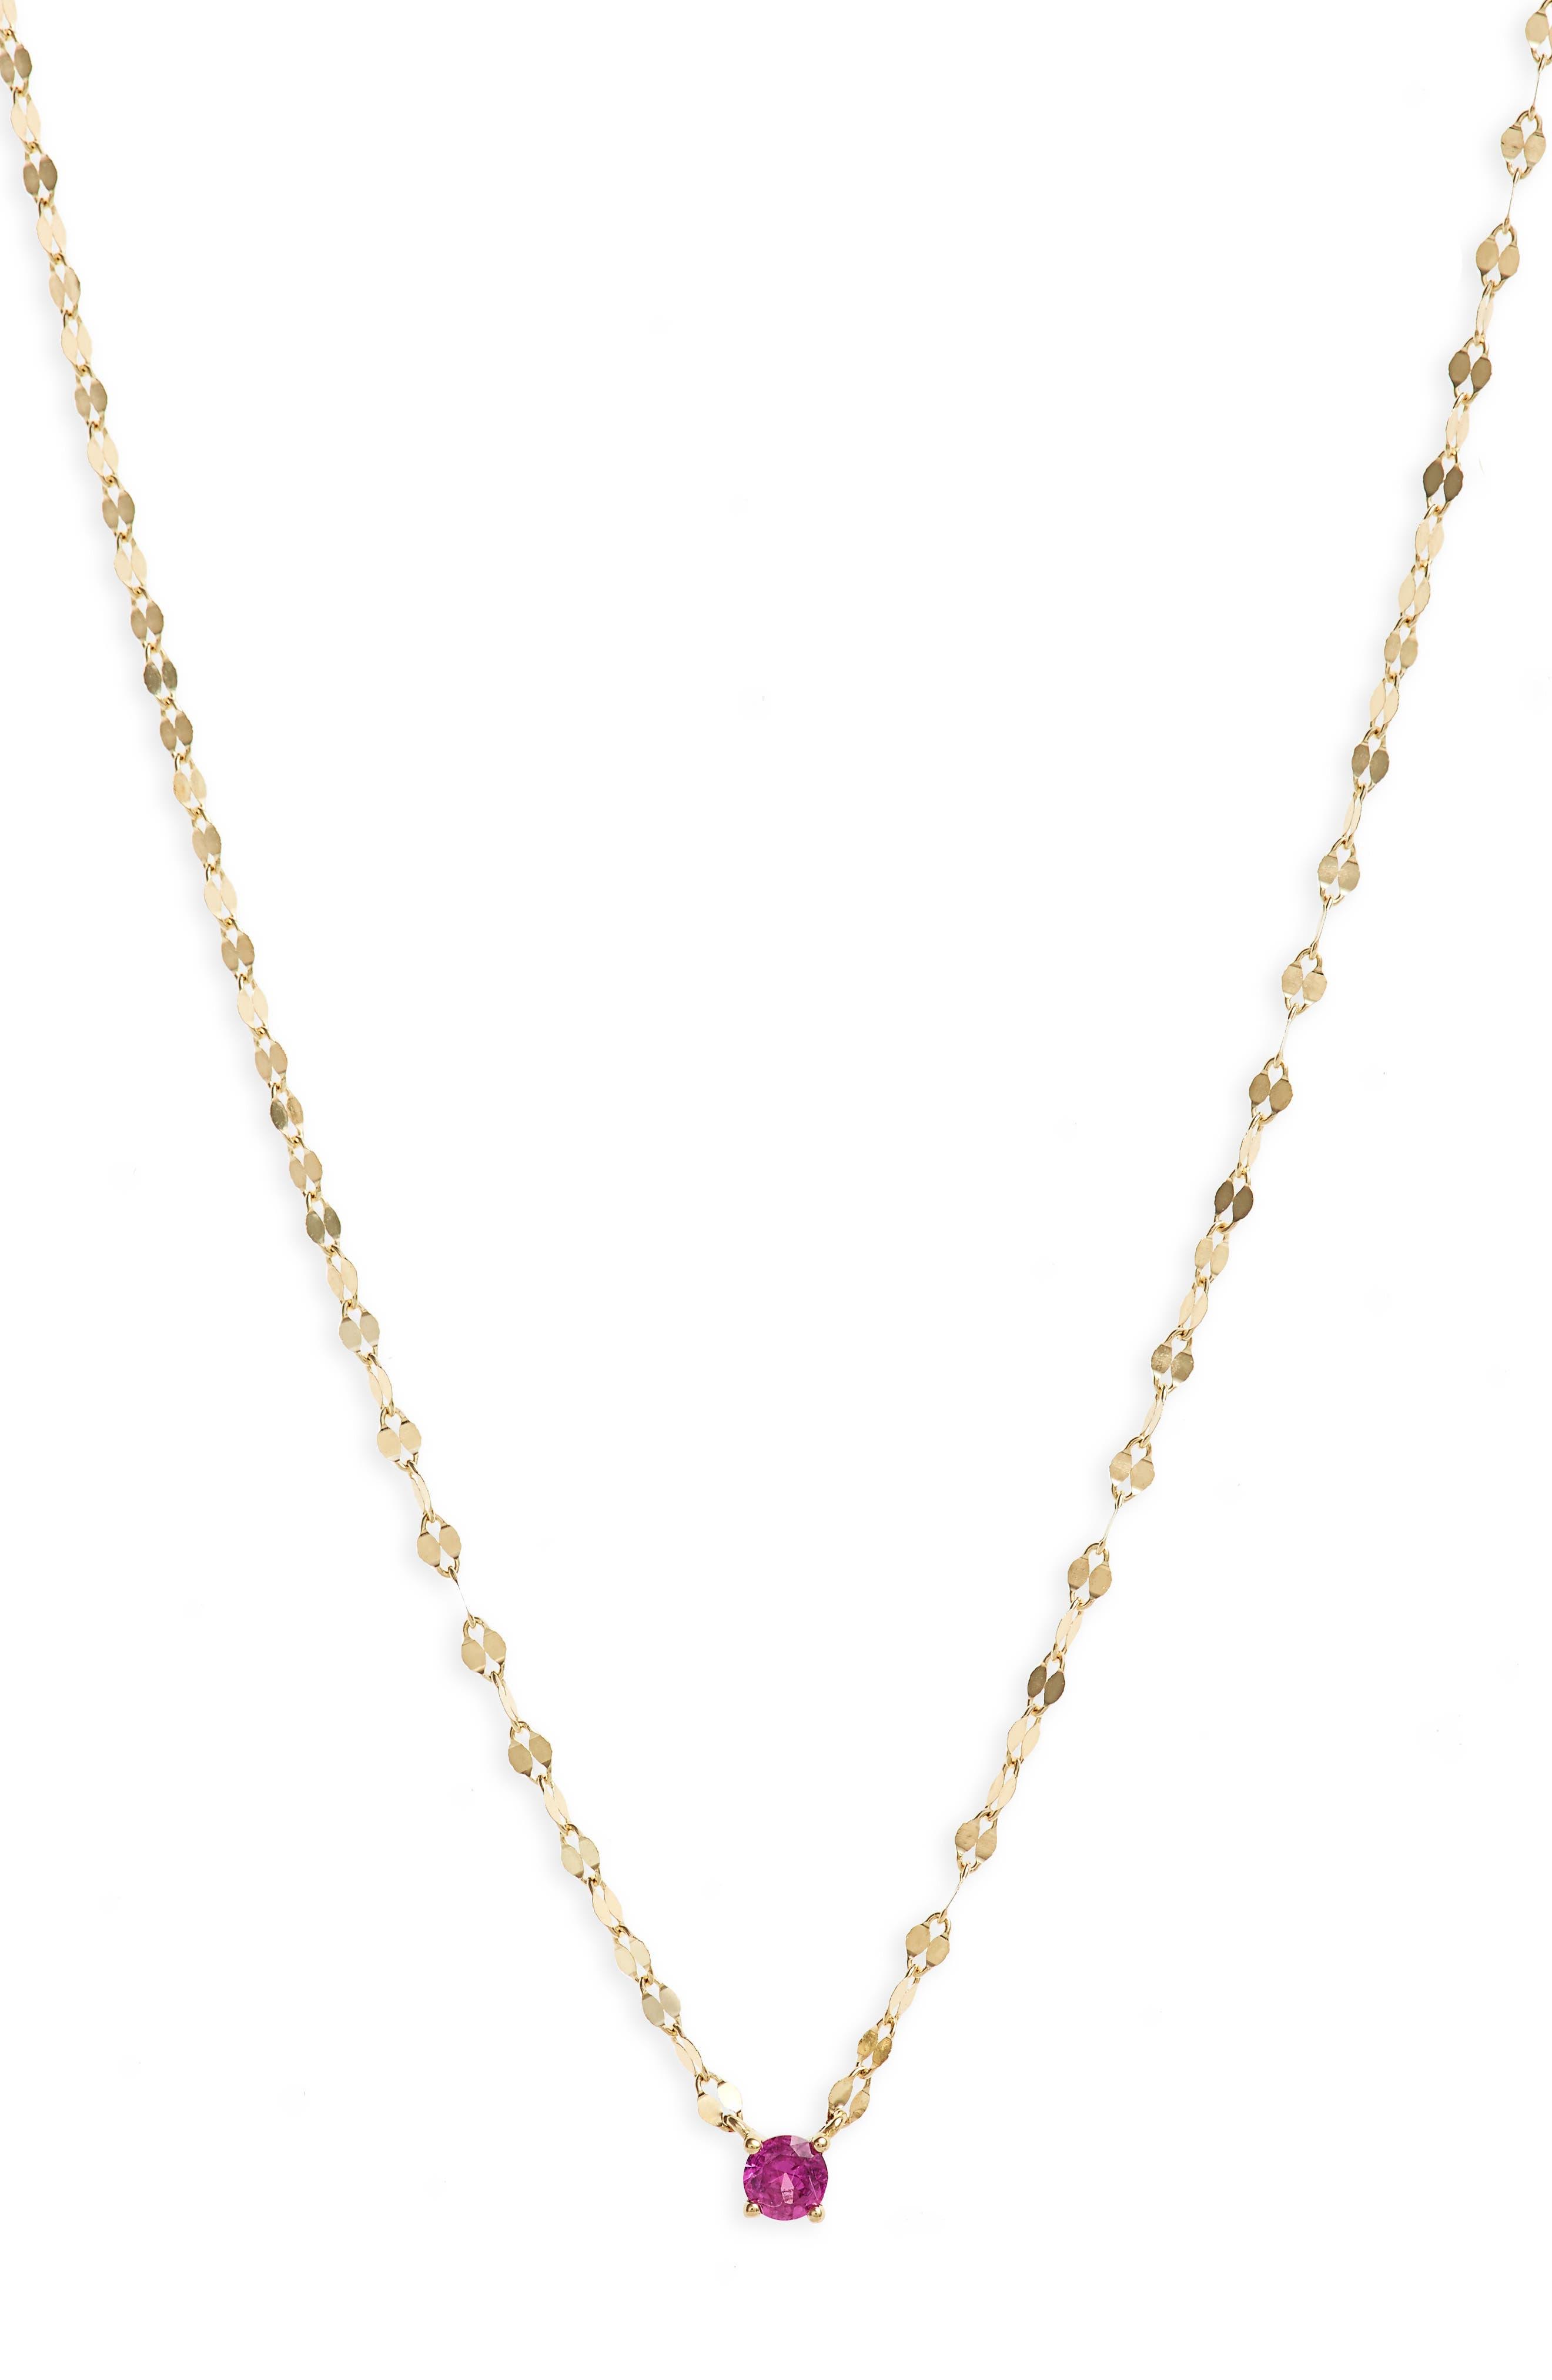 Sapphire Pendant Necklace,                             Main thumbnail 1, color,